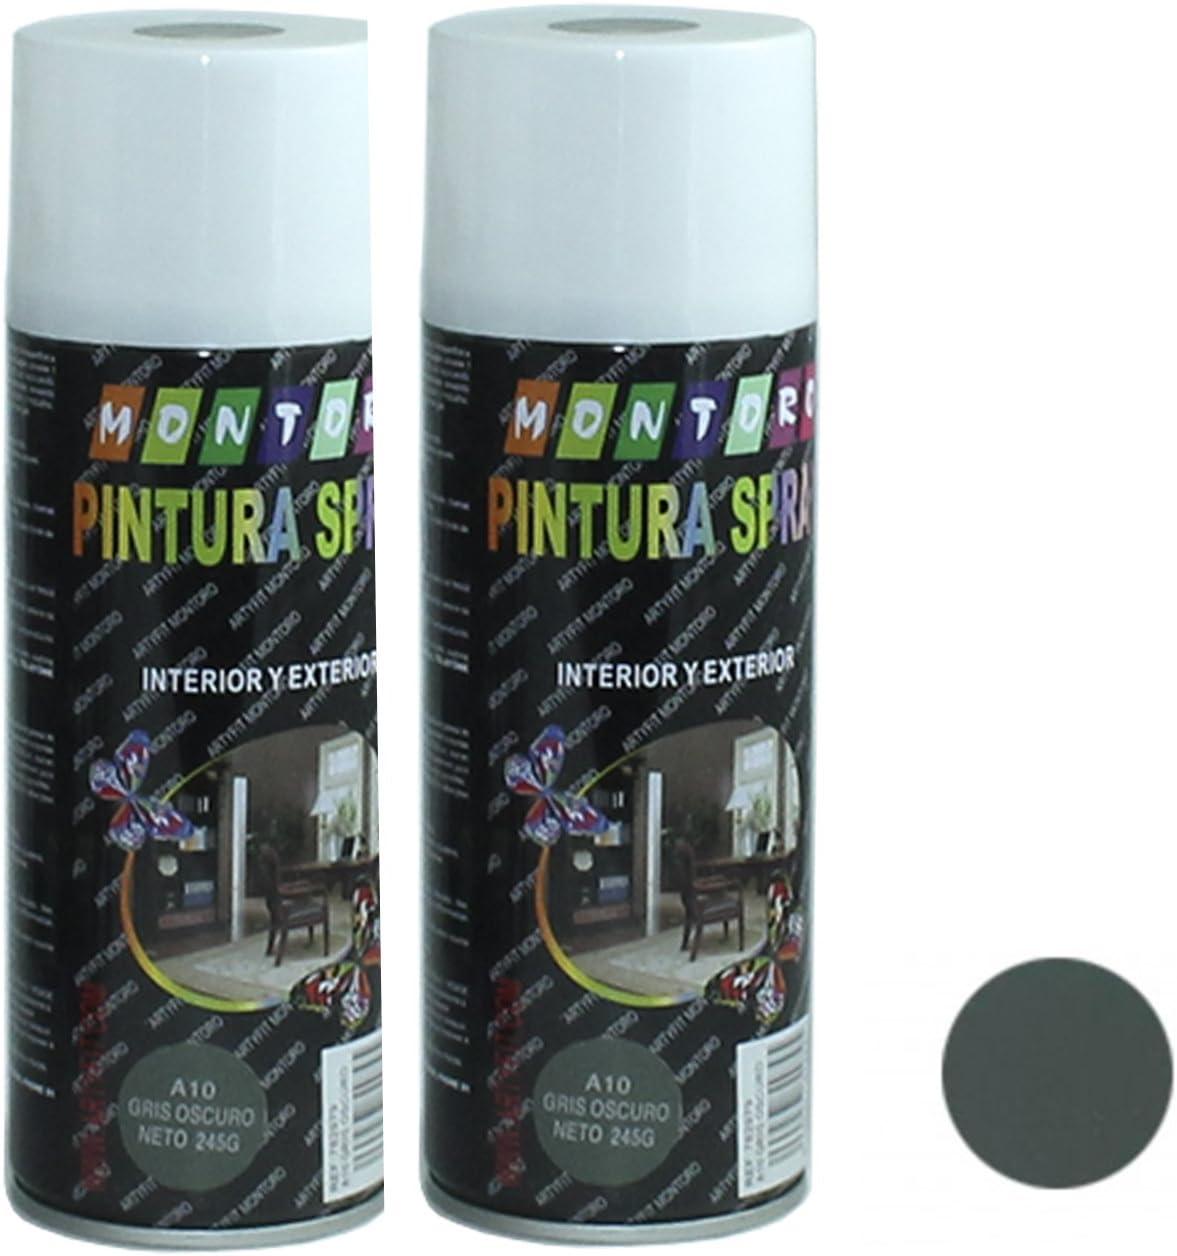 Montoro - Pack de 2 botes de pintura en spray Gris Oscuro A10 400 ml